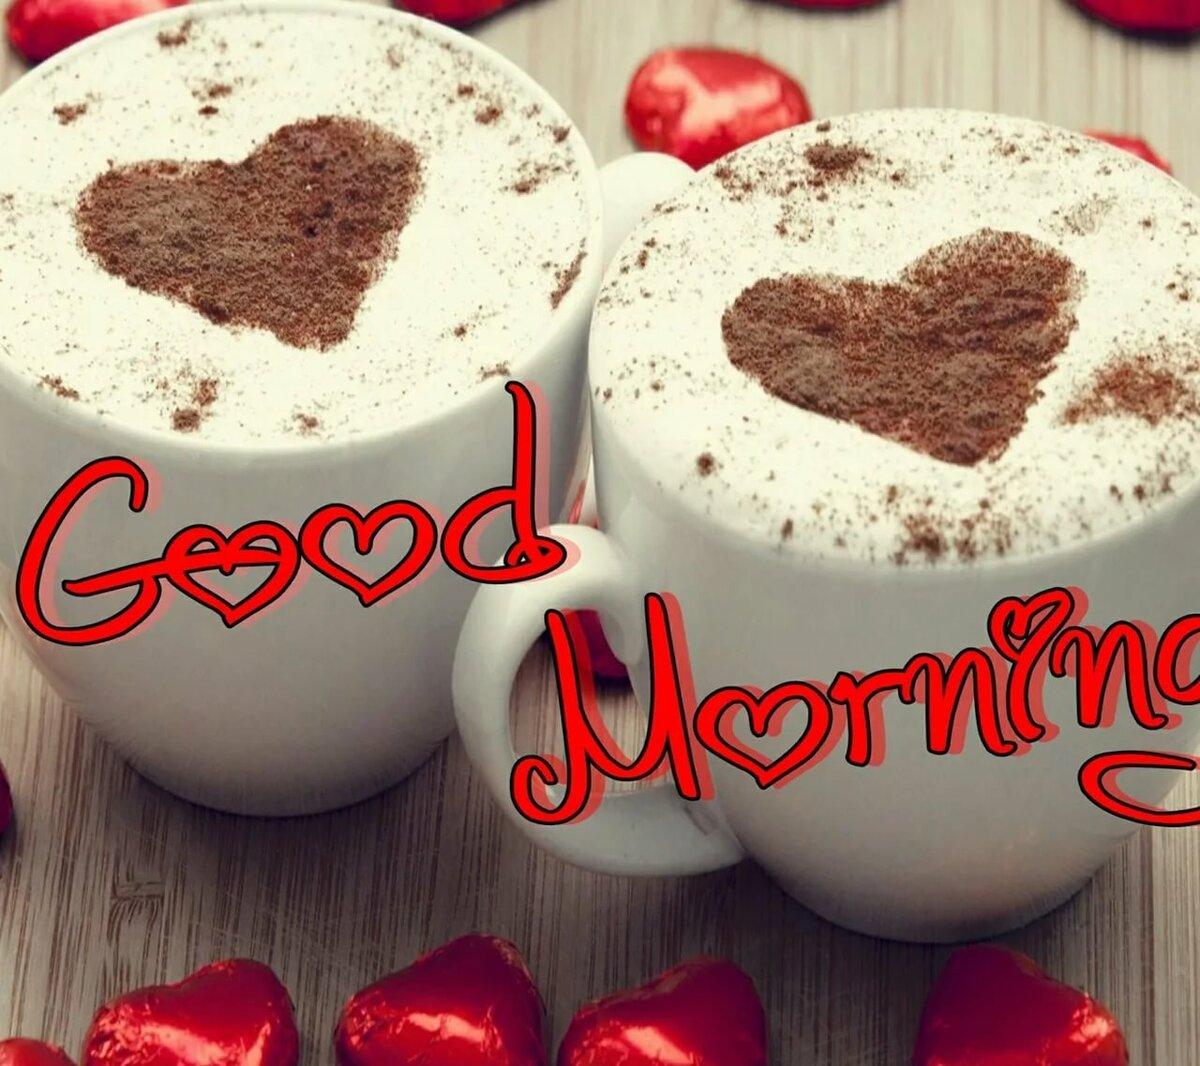 Картинки про любовь с добрым утром любимый толик